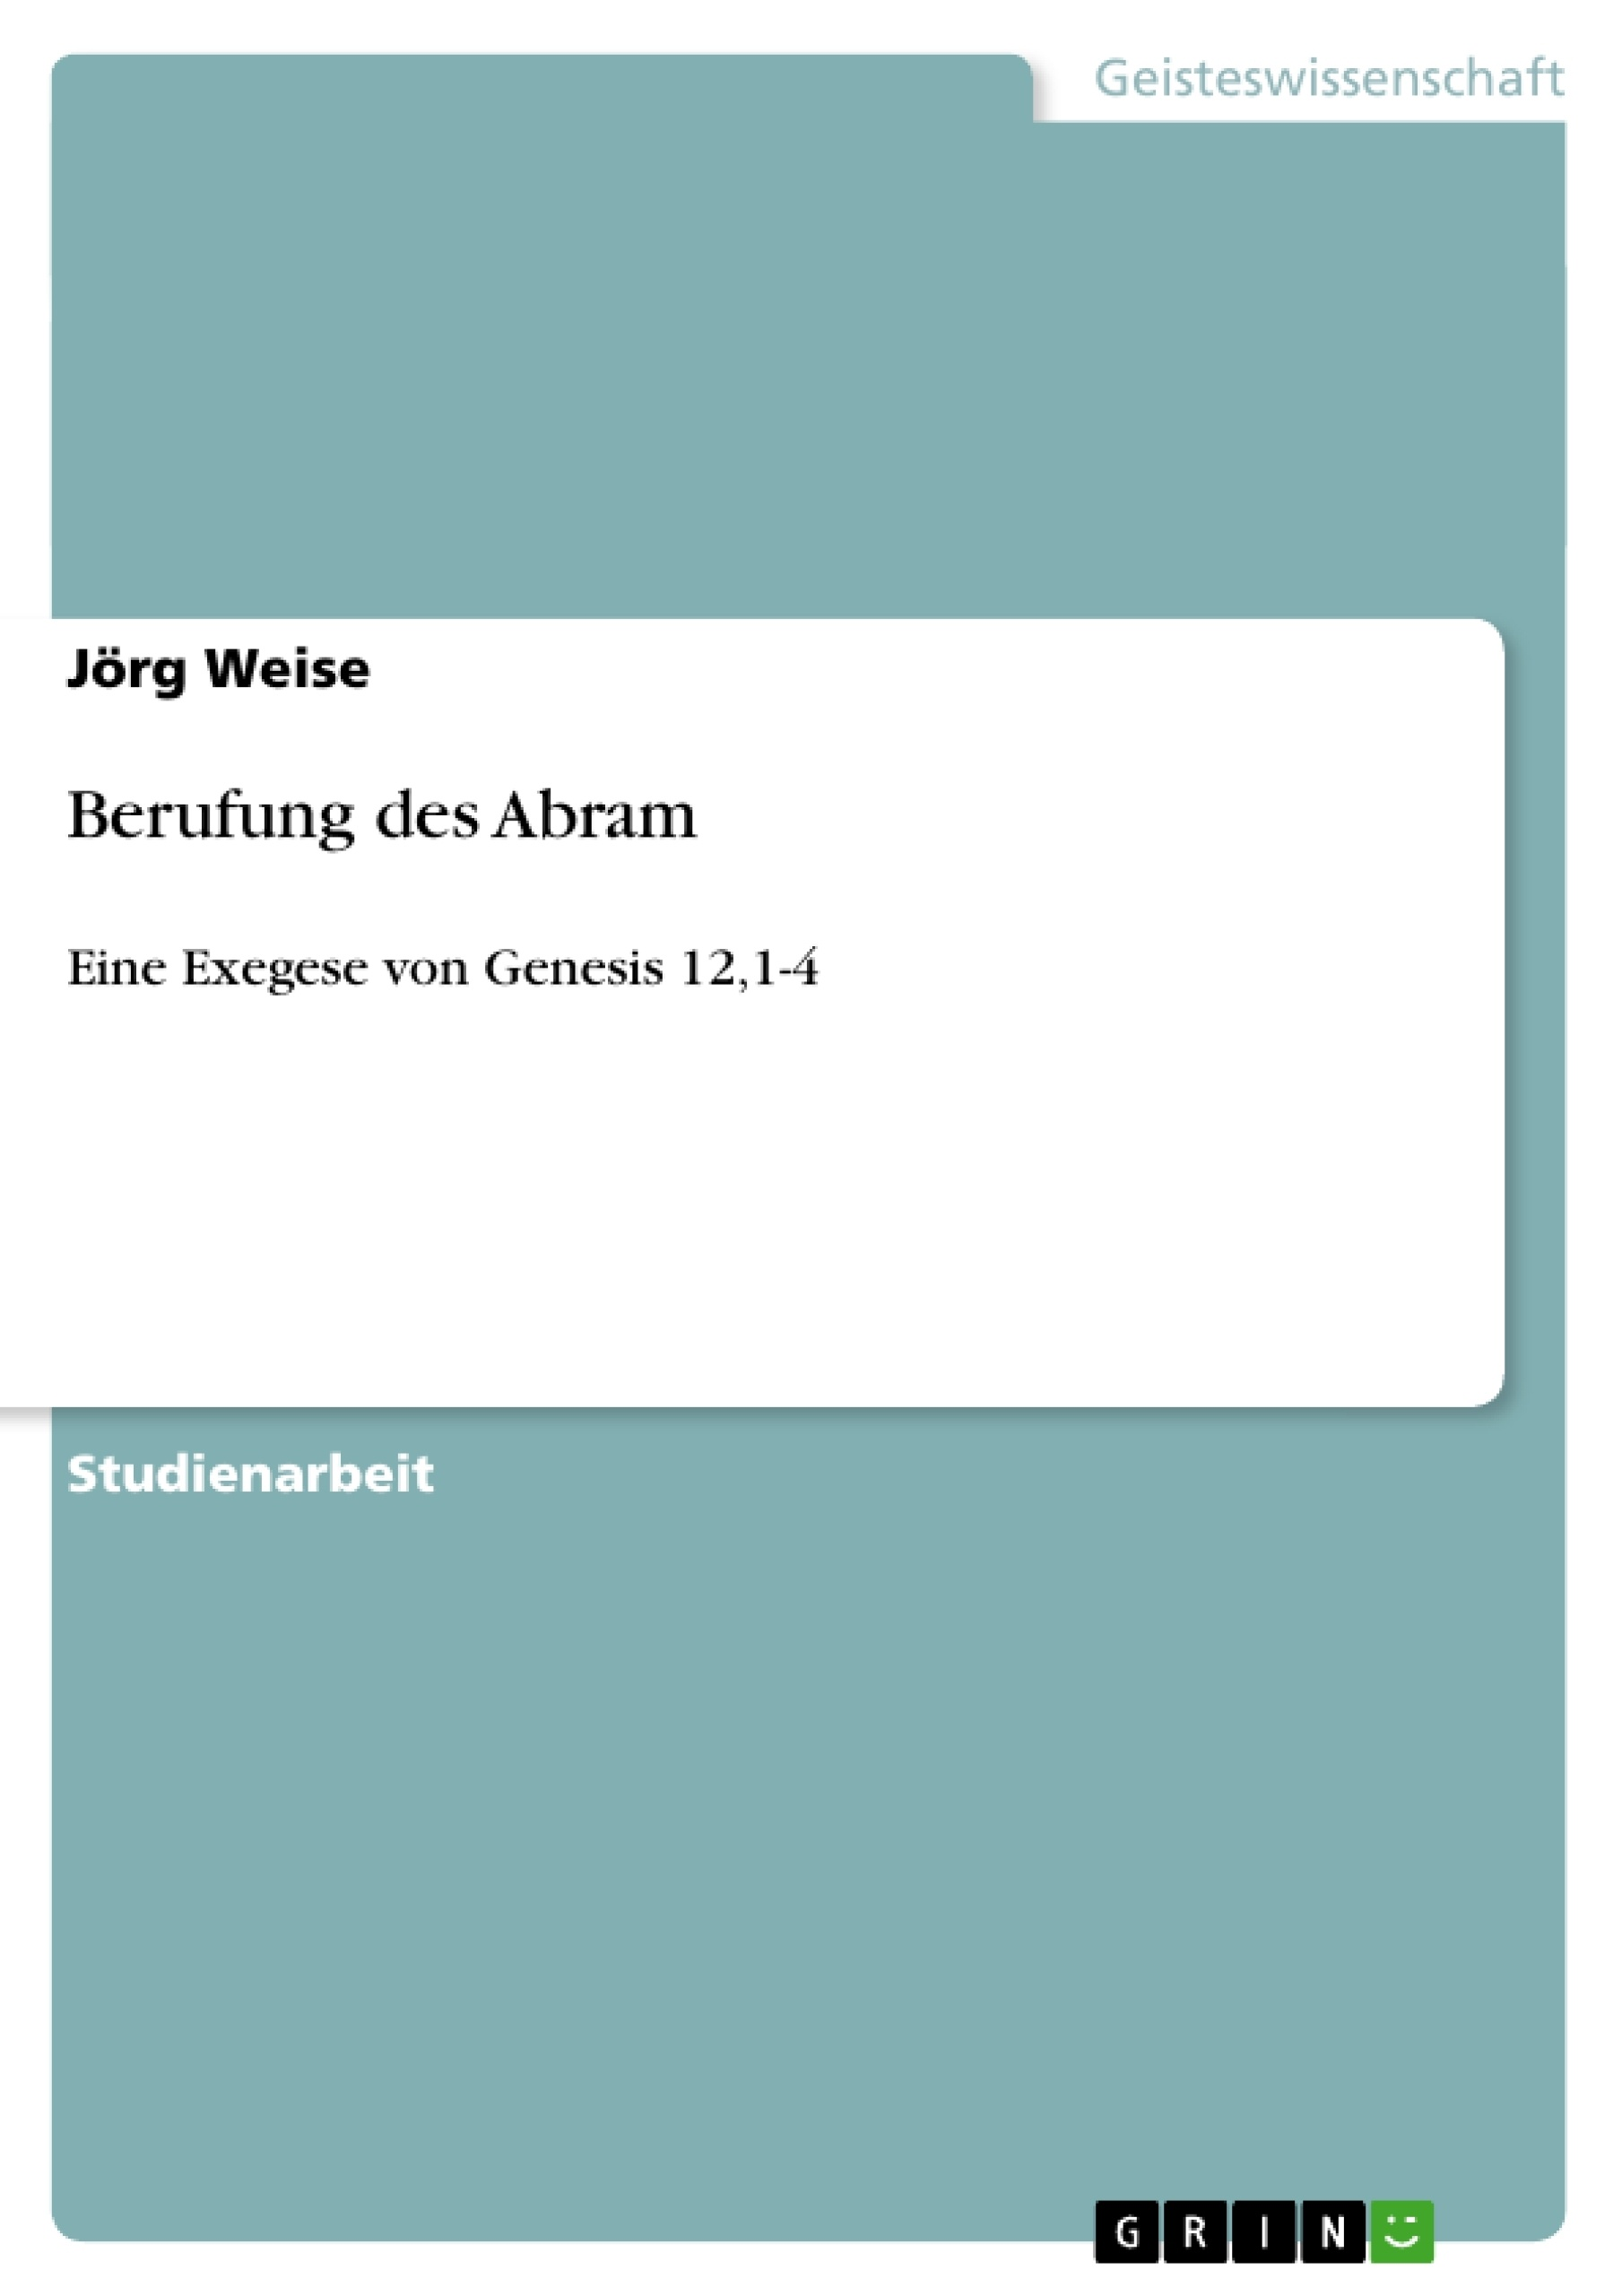 Titel: Berufung des Abram